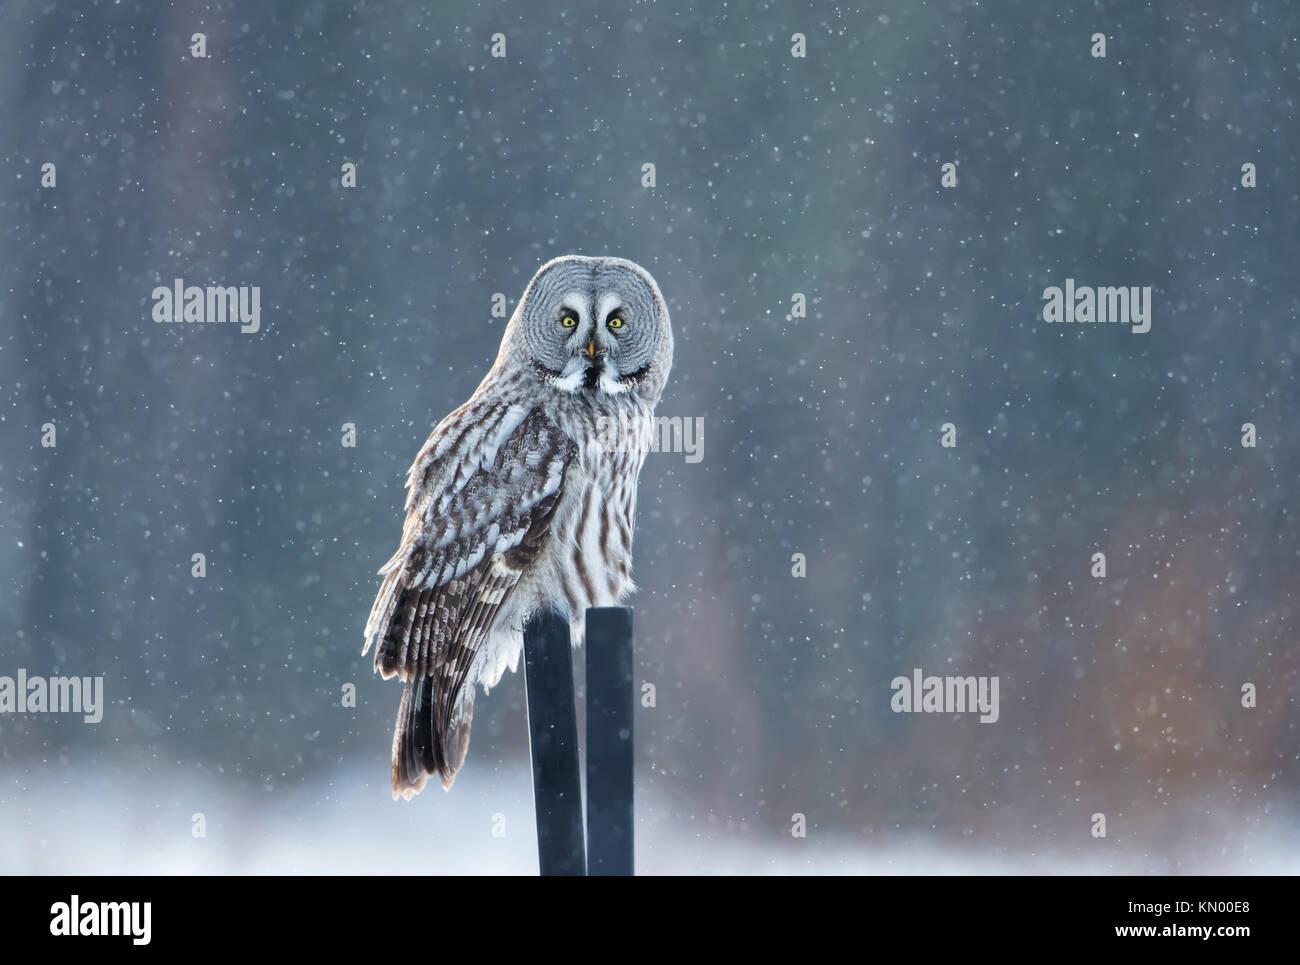 Gran Búho gris sentado en el puesto de la caída de nieve, el invierno en Finlandia Imagen De Stock